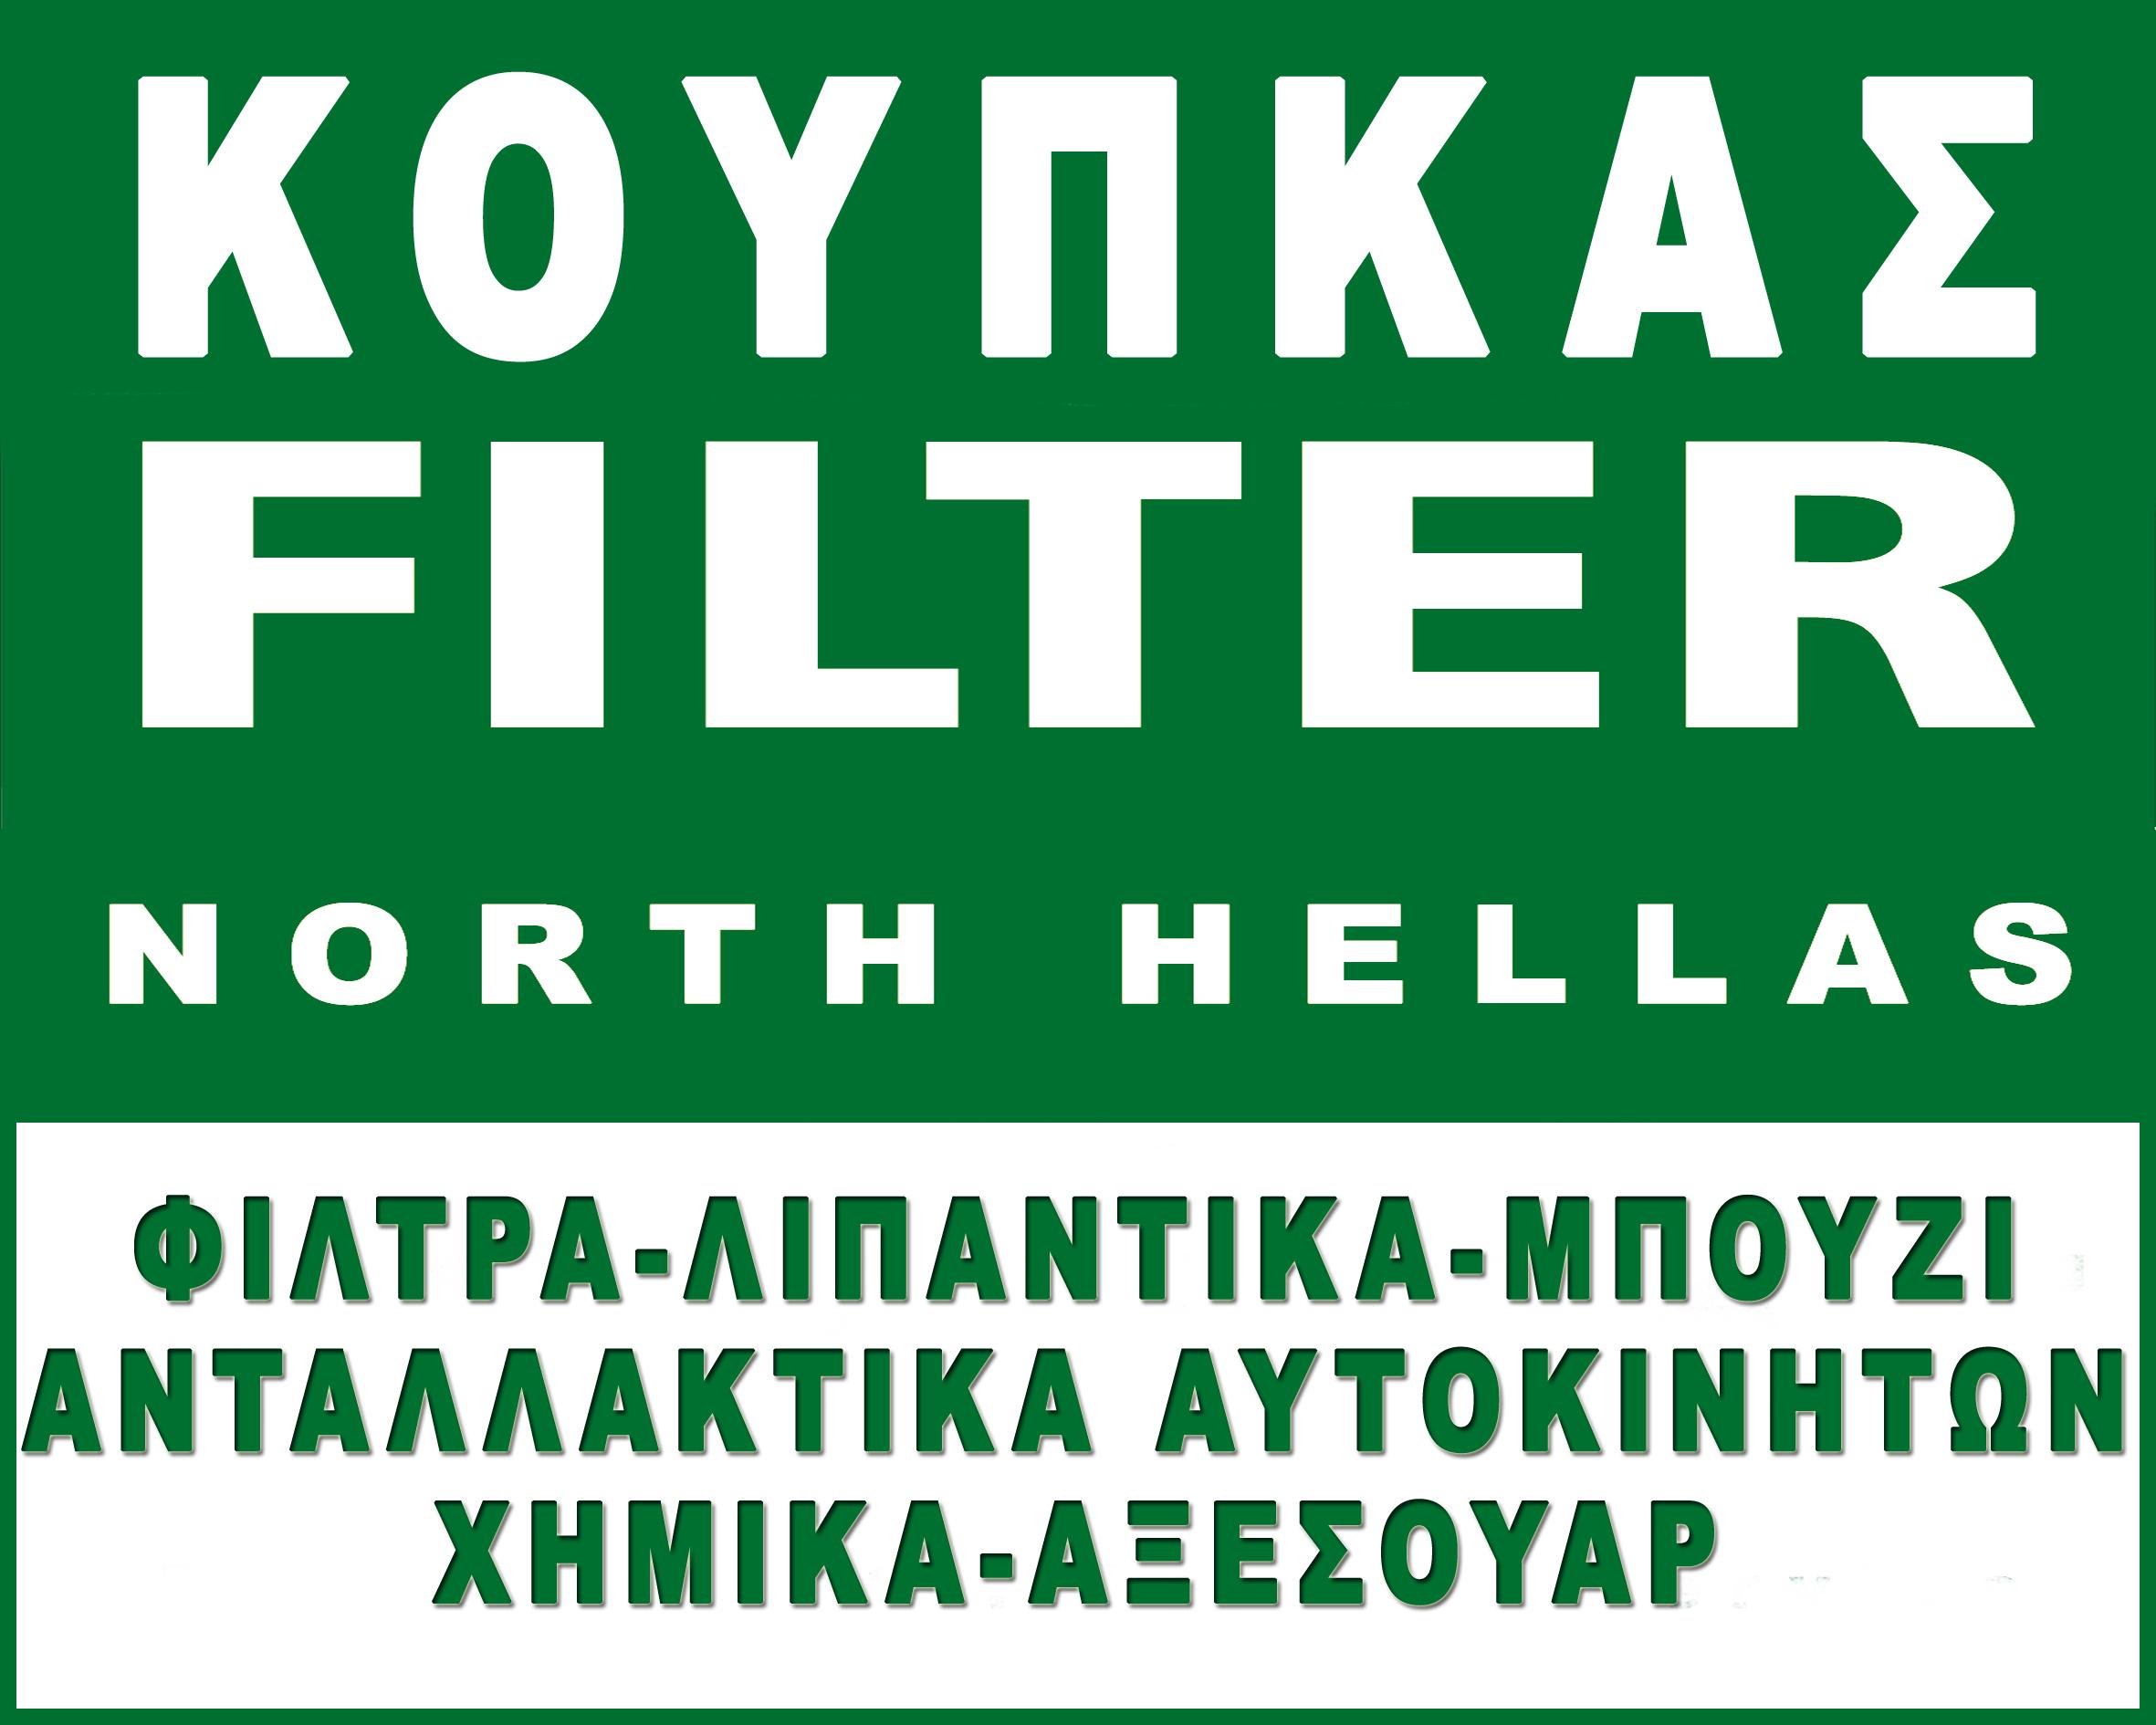 Φίλτρα - Λιπαντικά - Μπουζί Ανταλλακτικά Αυτοκινήτων Χημικά - Αξεσουάρ